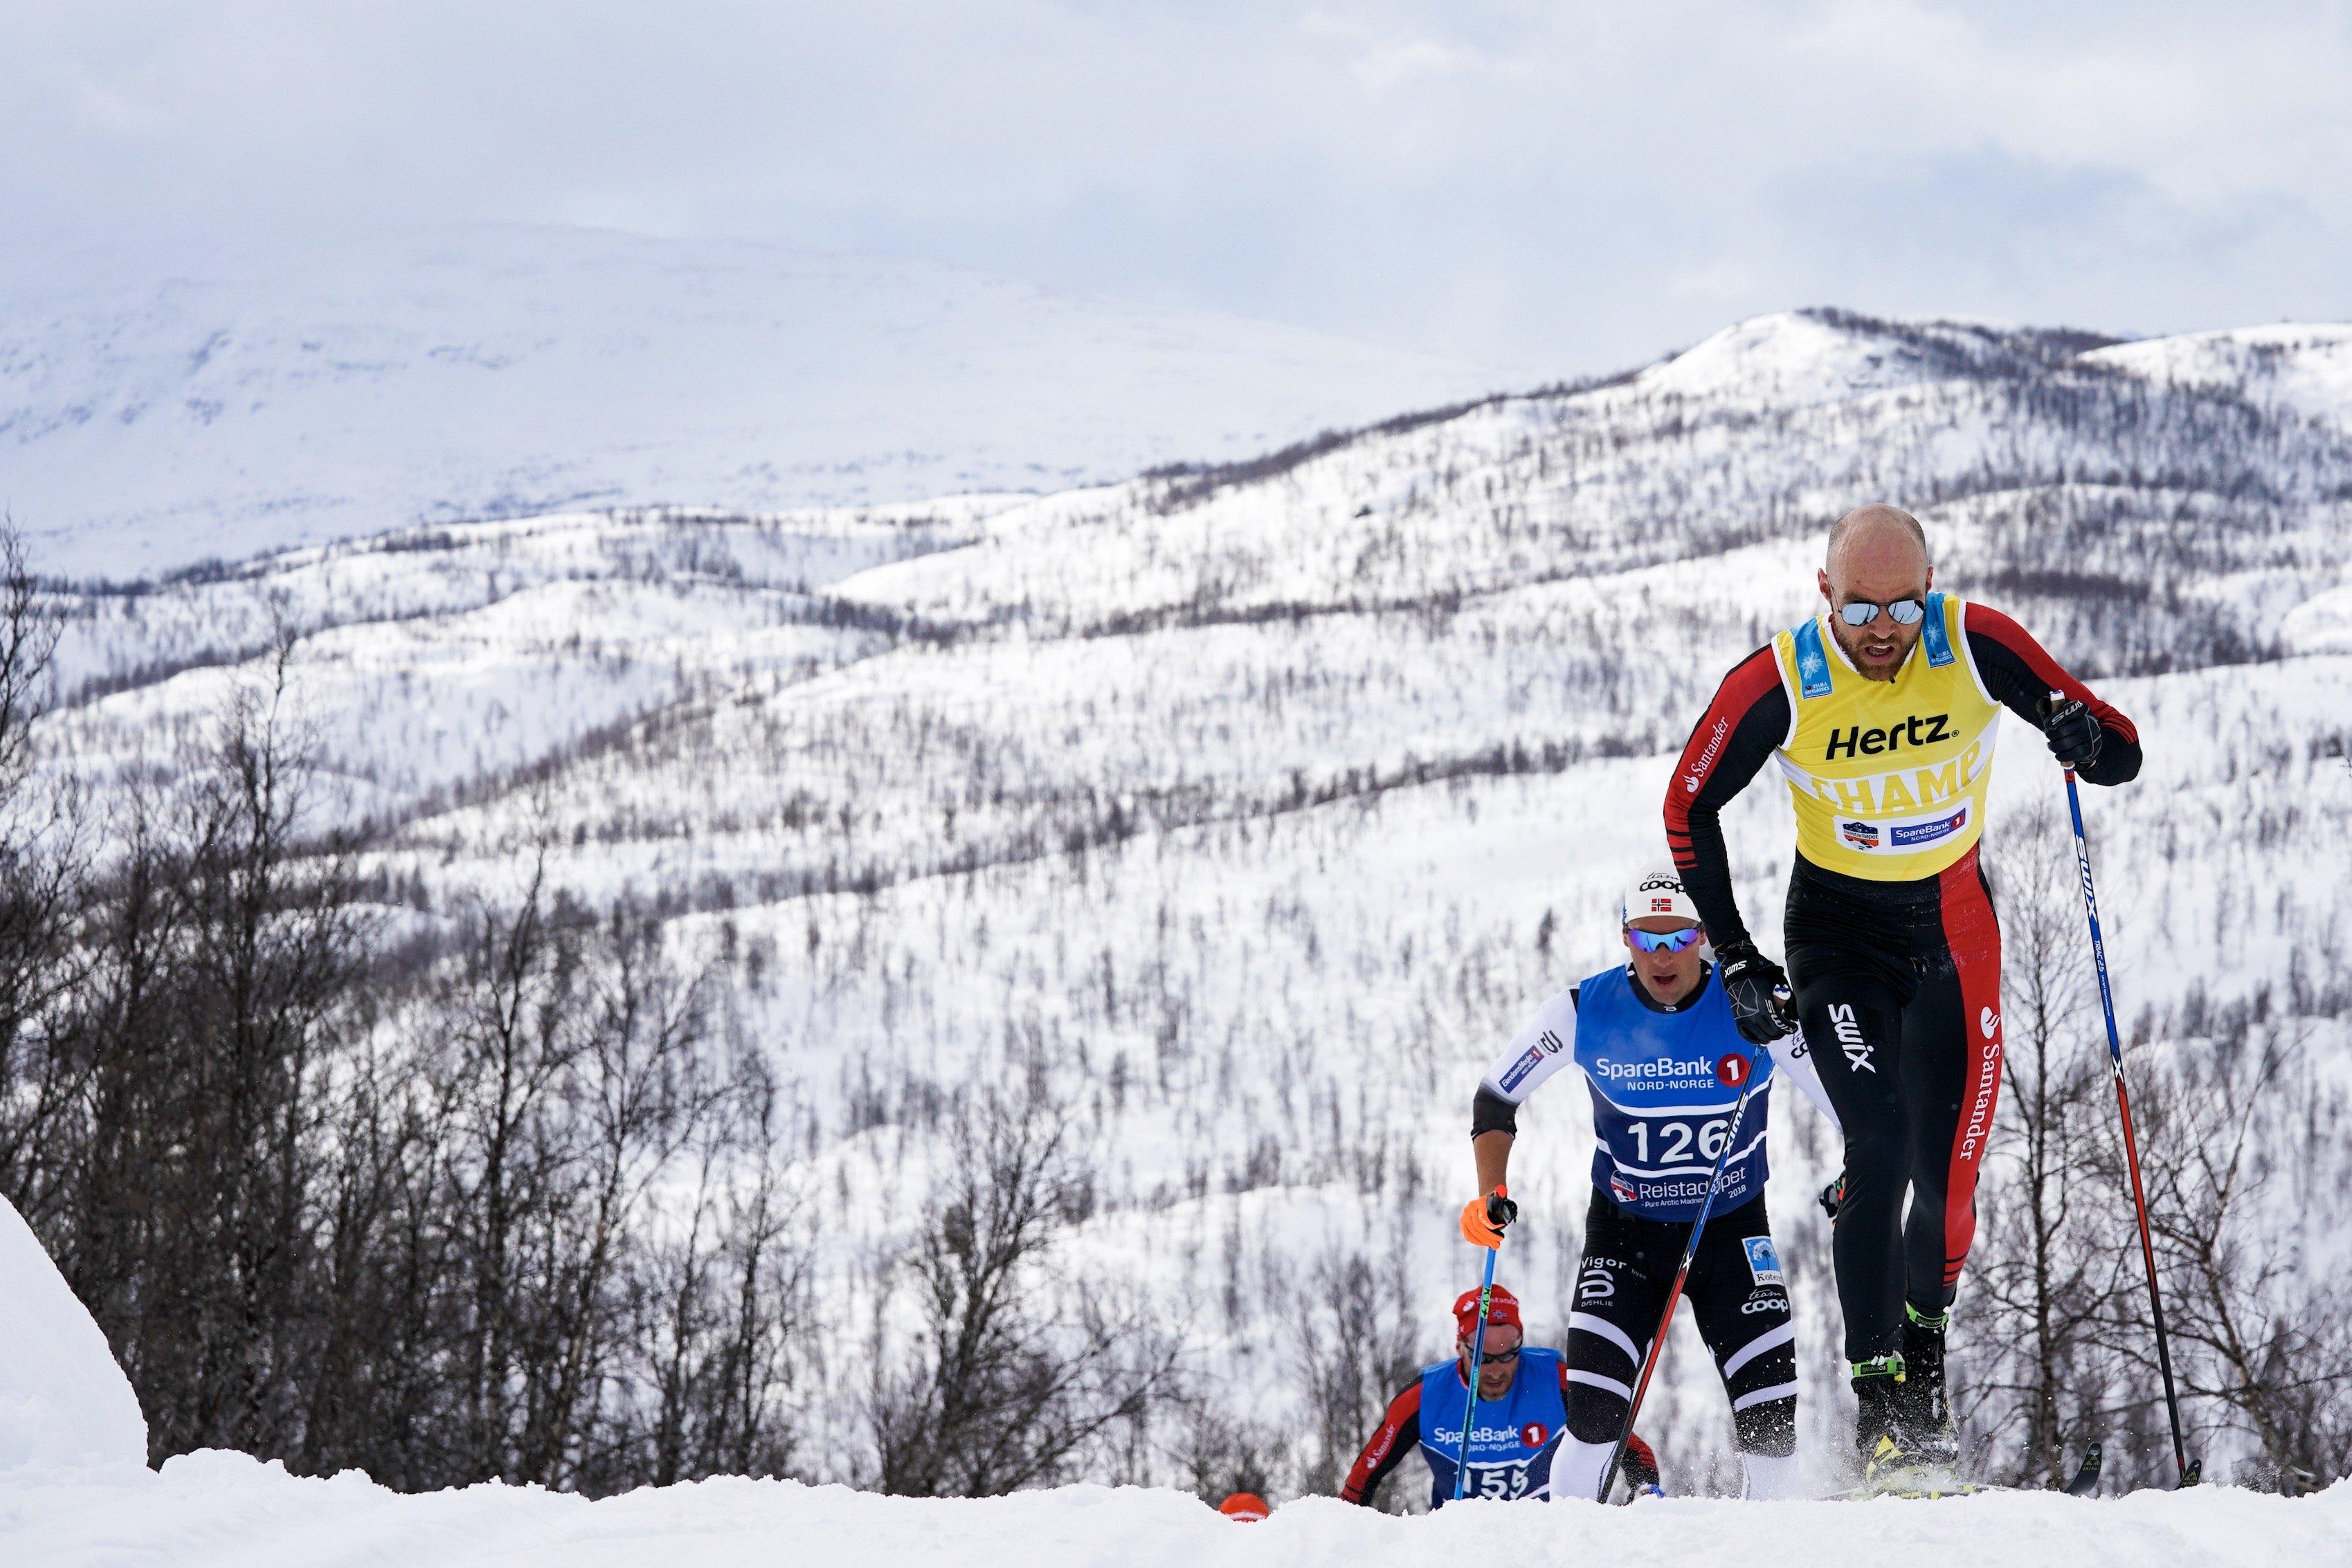 """За активные действия по ходу гонки Торд Асле Йердален получил награду """"Лыжник дня"""""""